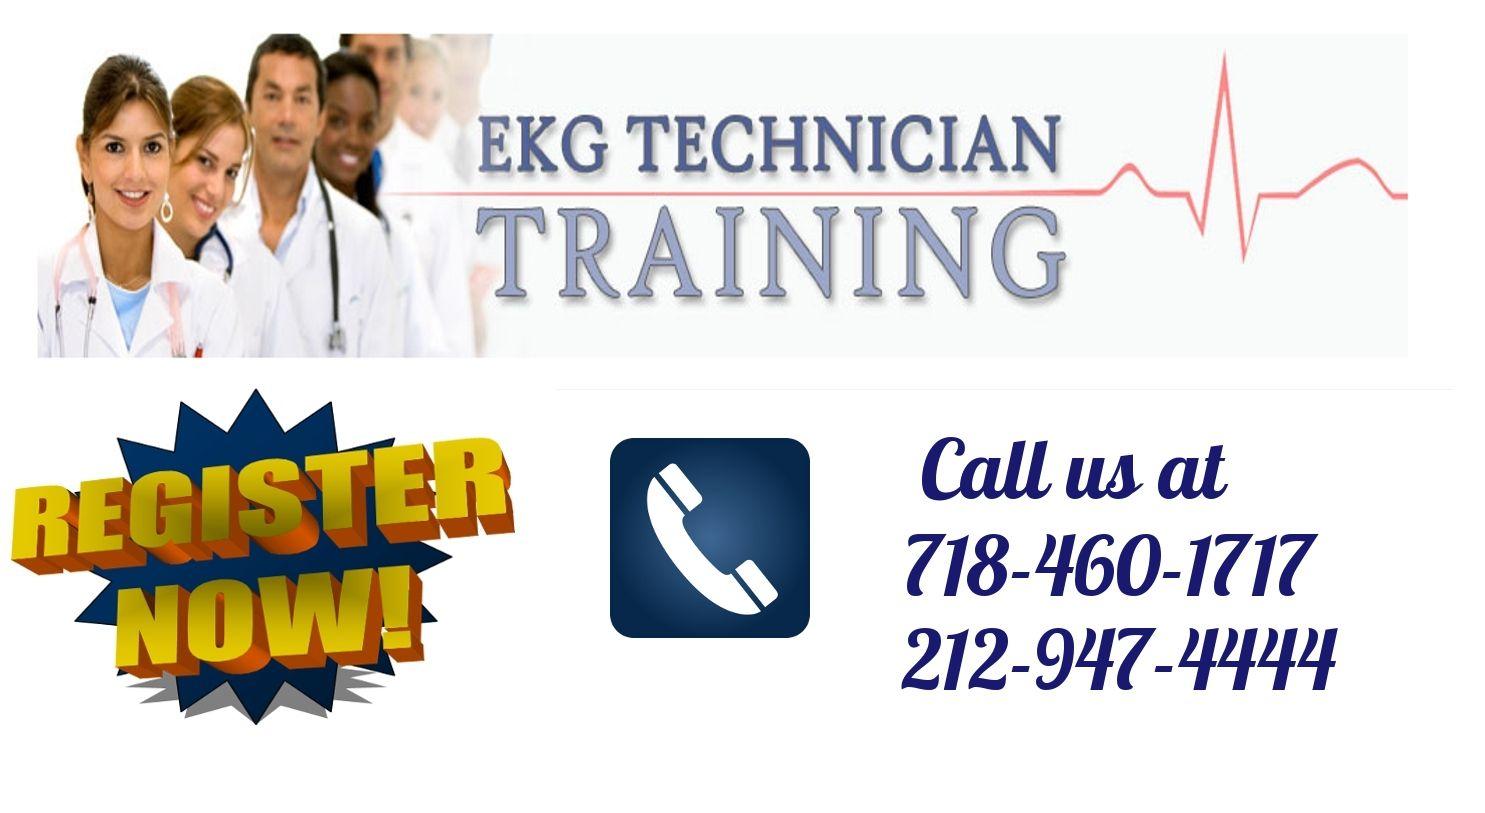 Registration is open for ekg technician training in